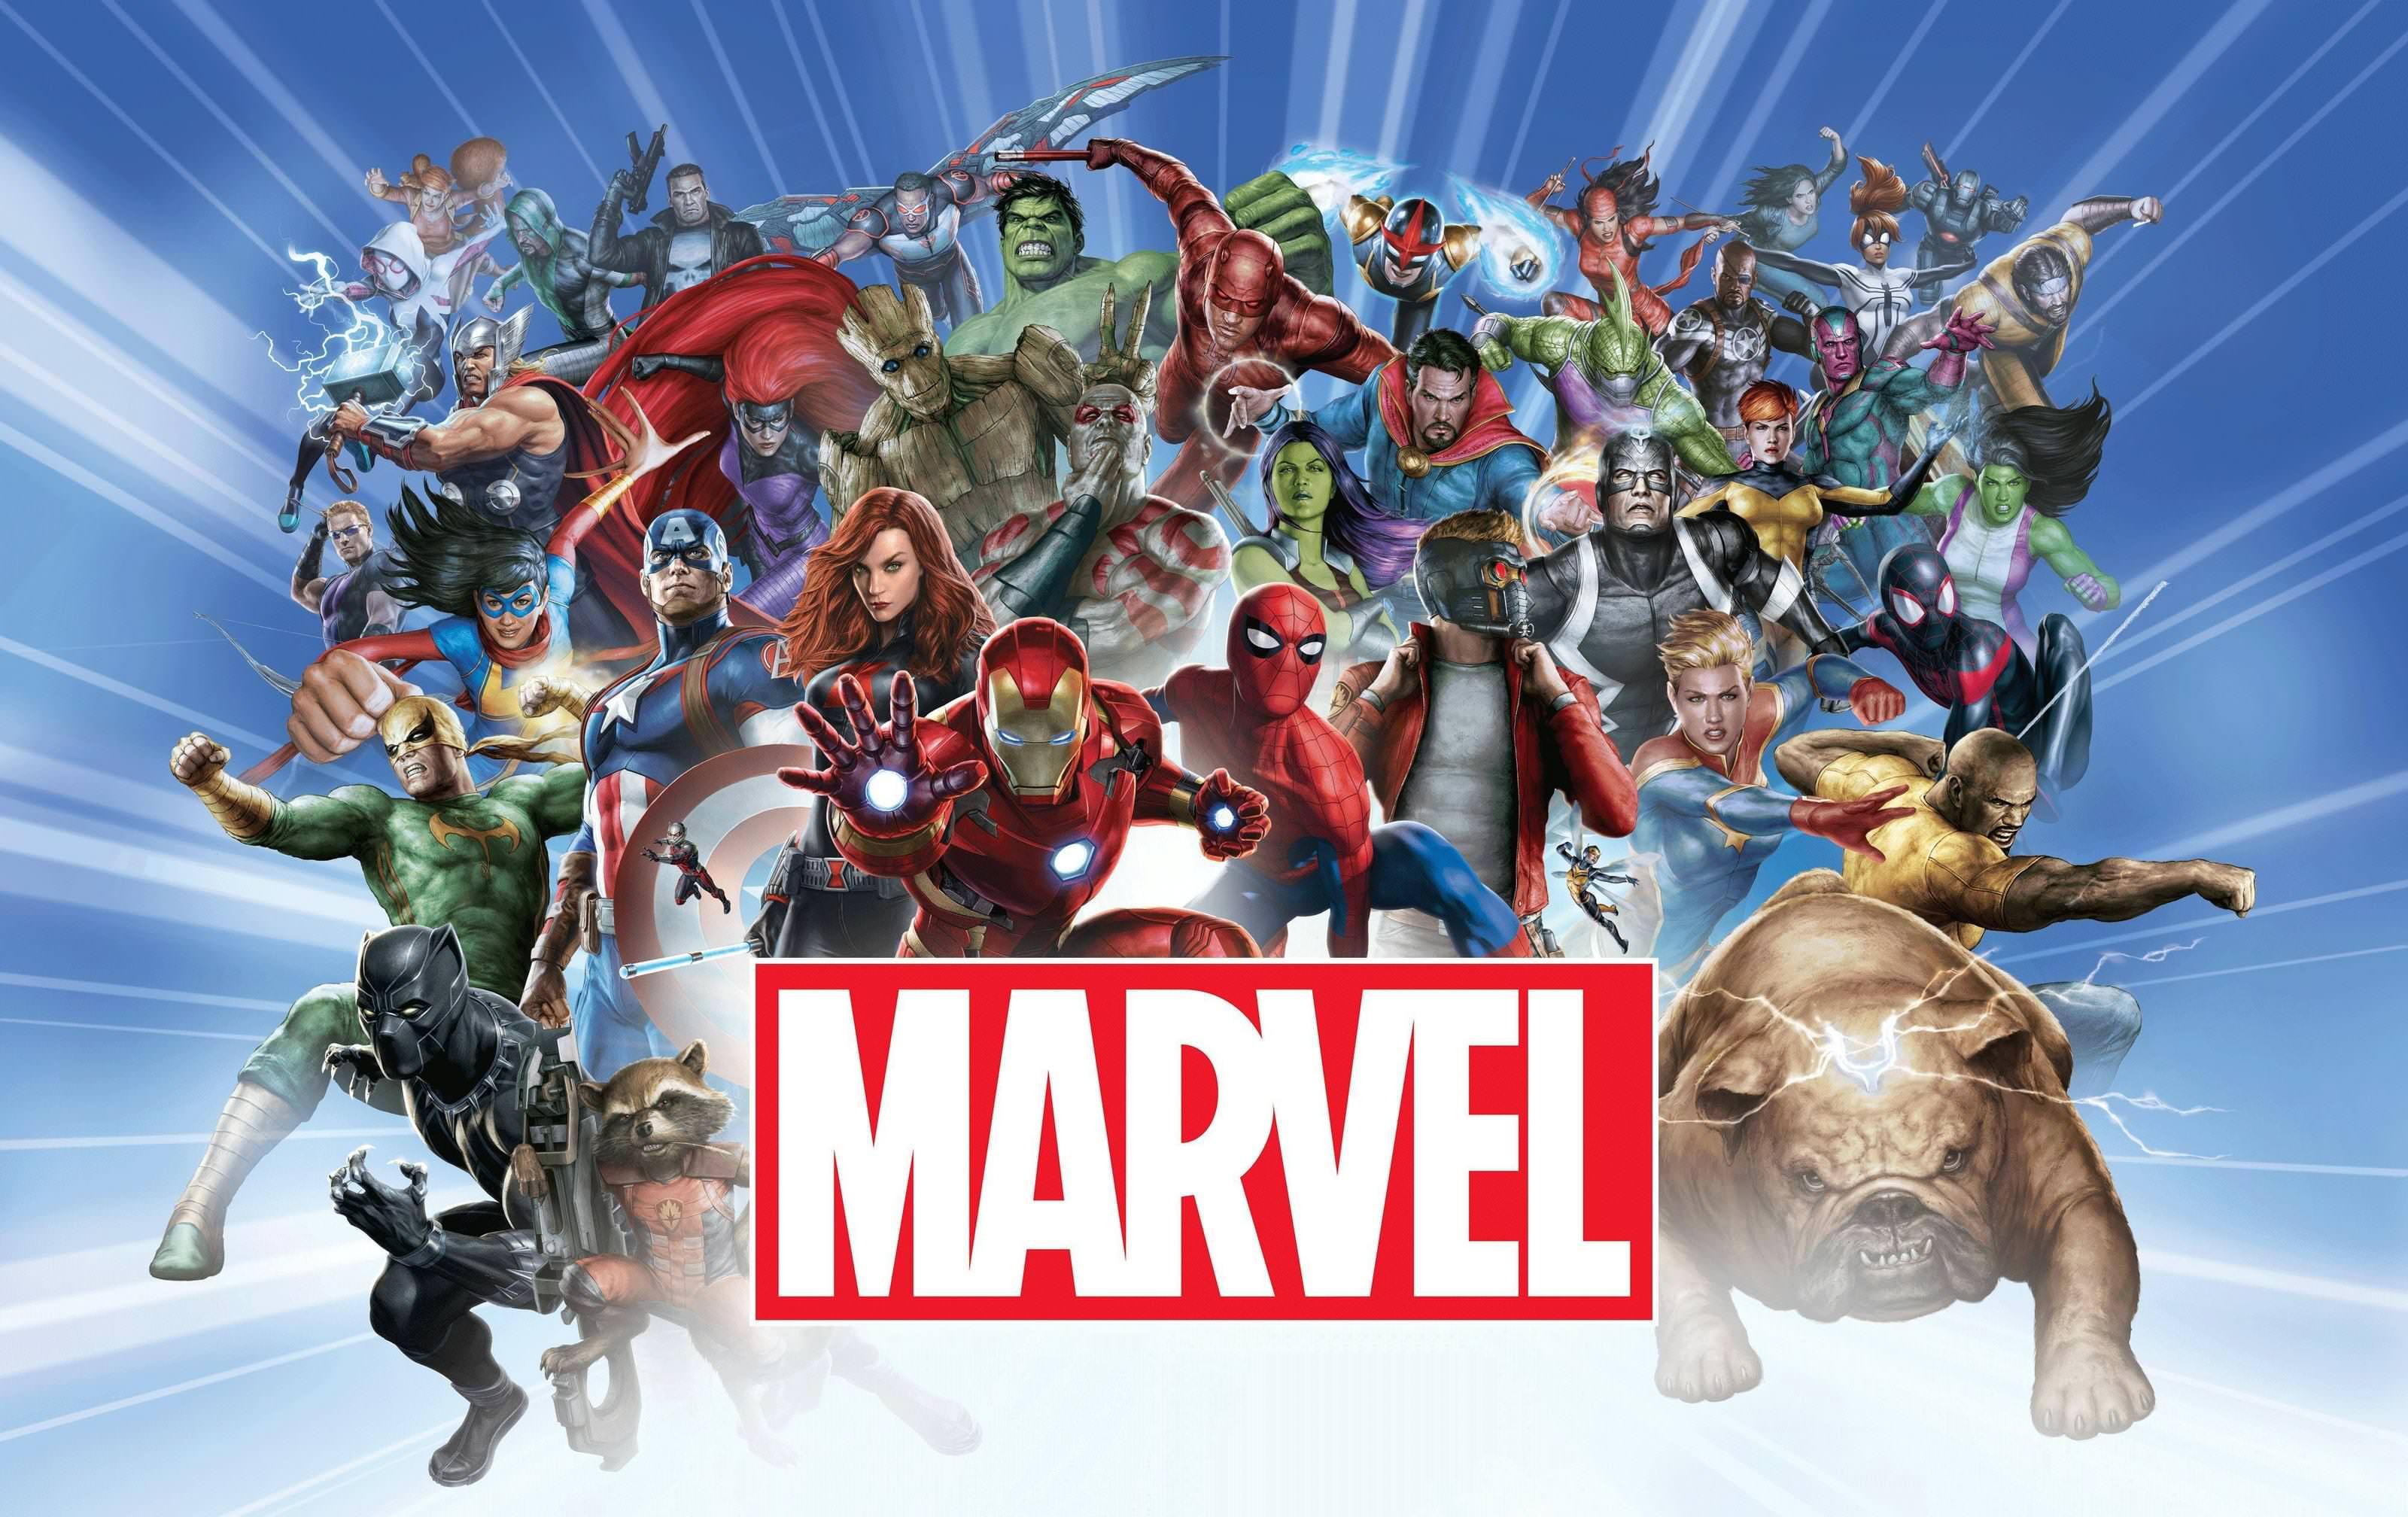 Новый фильм Marvel расскажет осупергероях-геях сдетьми